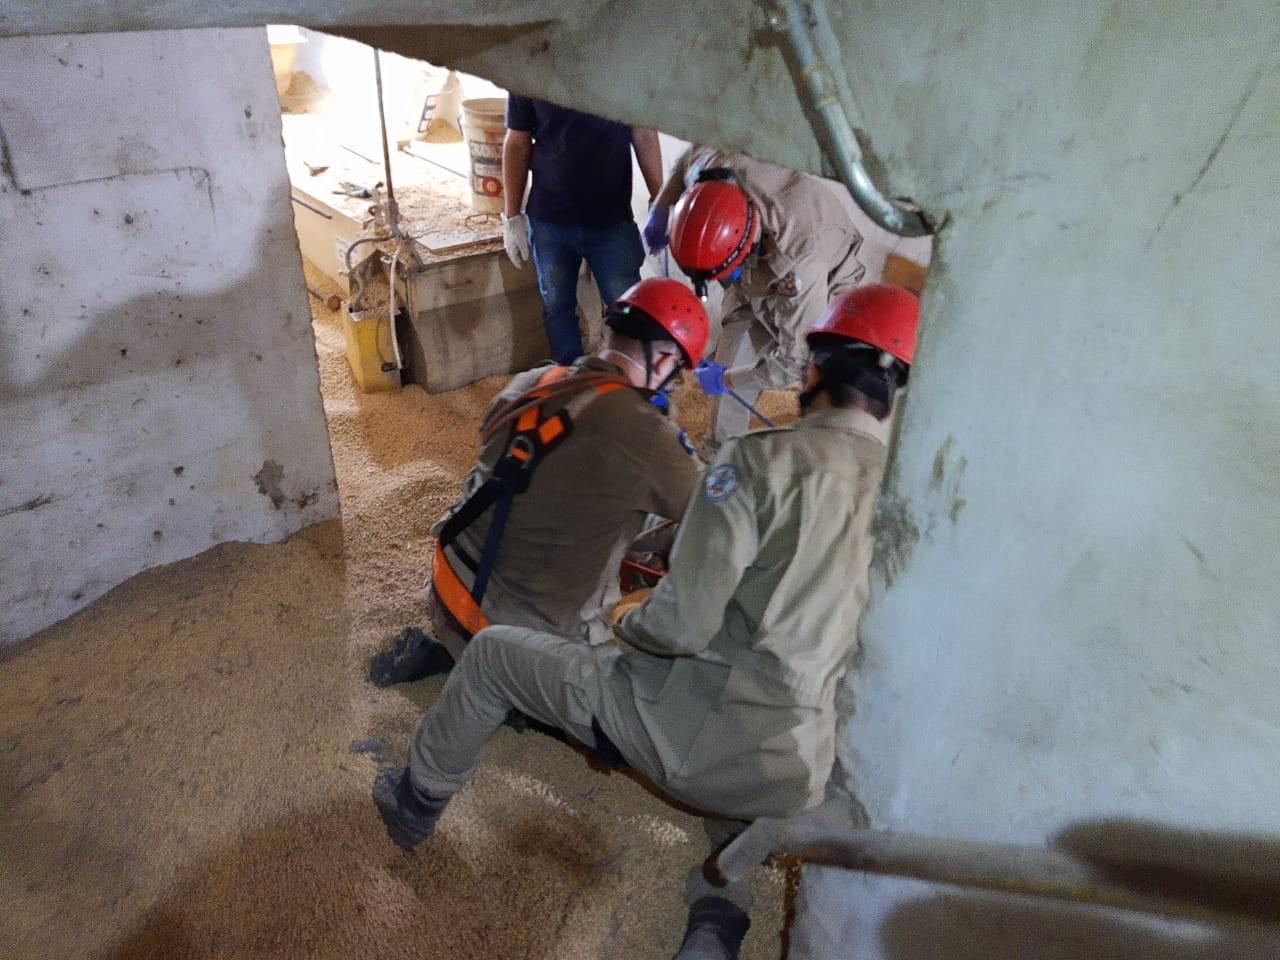 Trabalhador morre soterrado enquanto limpava silo de soja em Mato Grosso